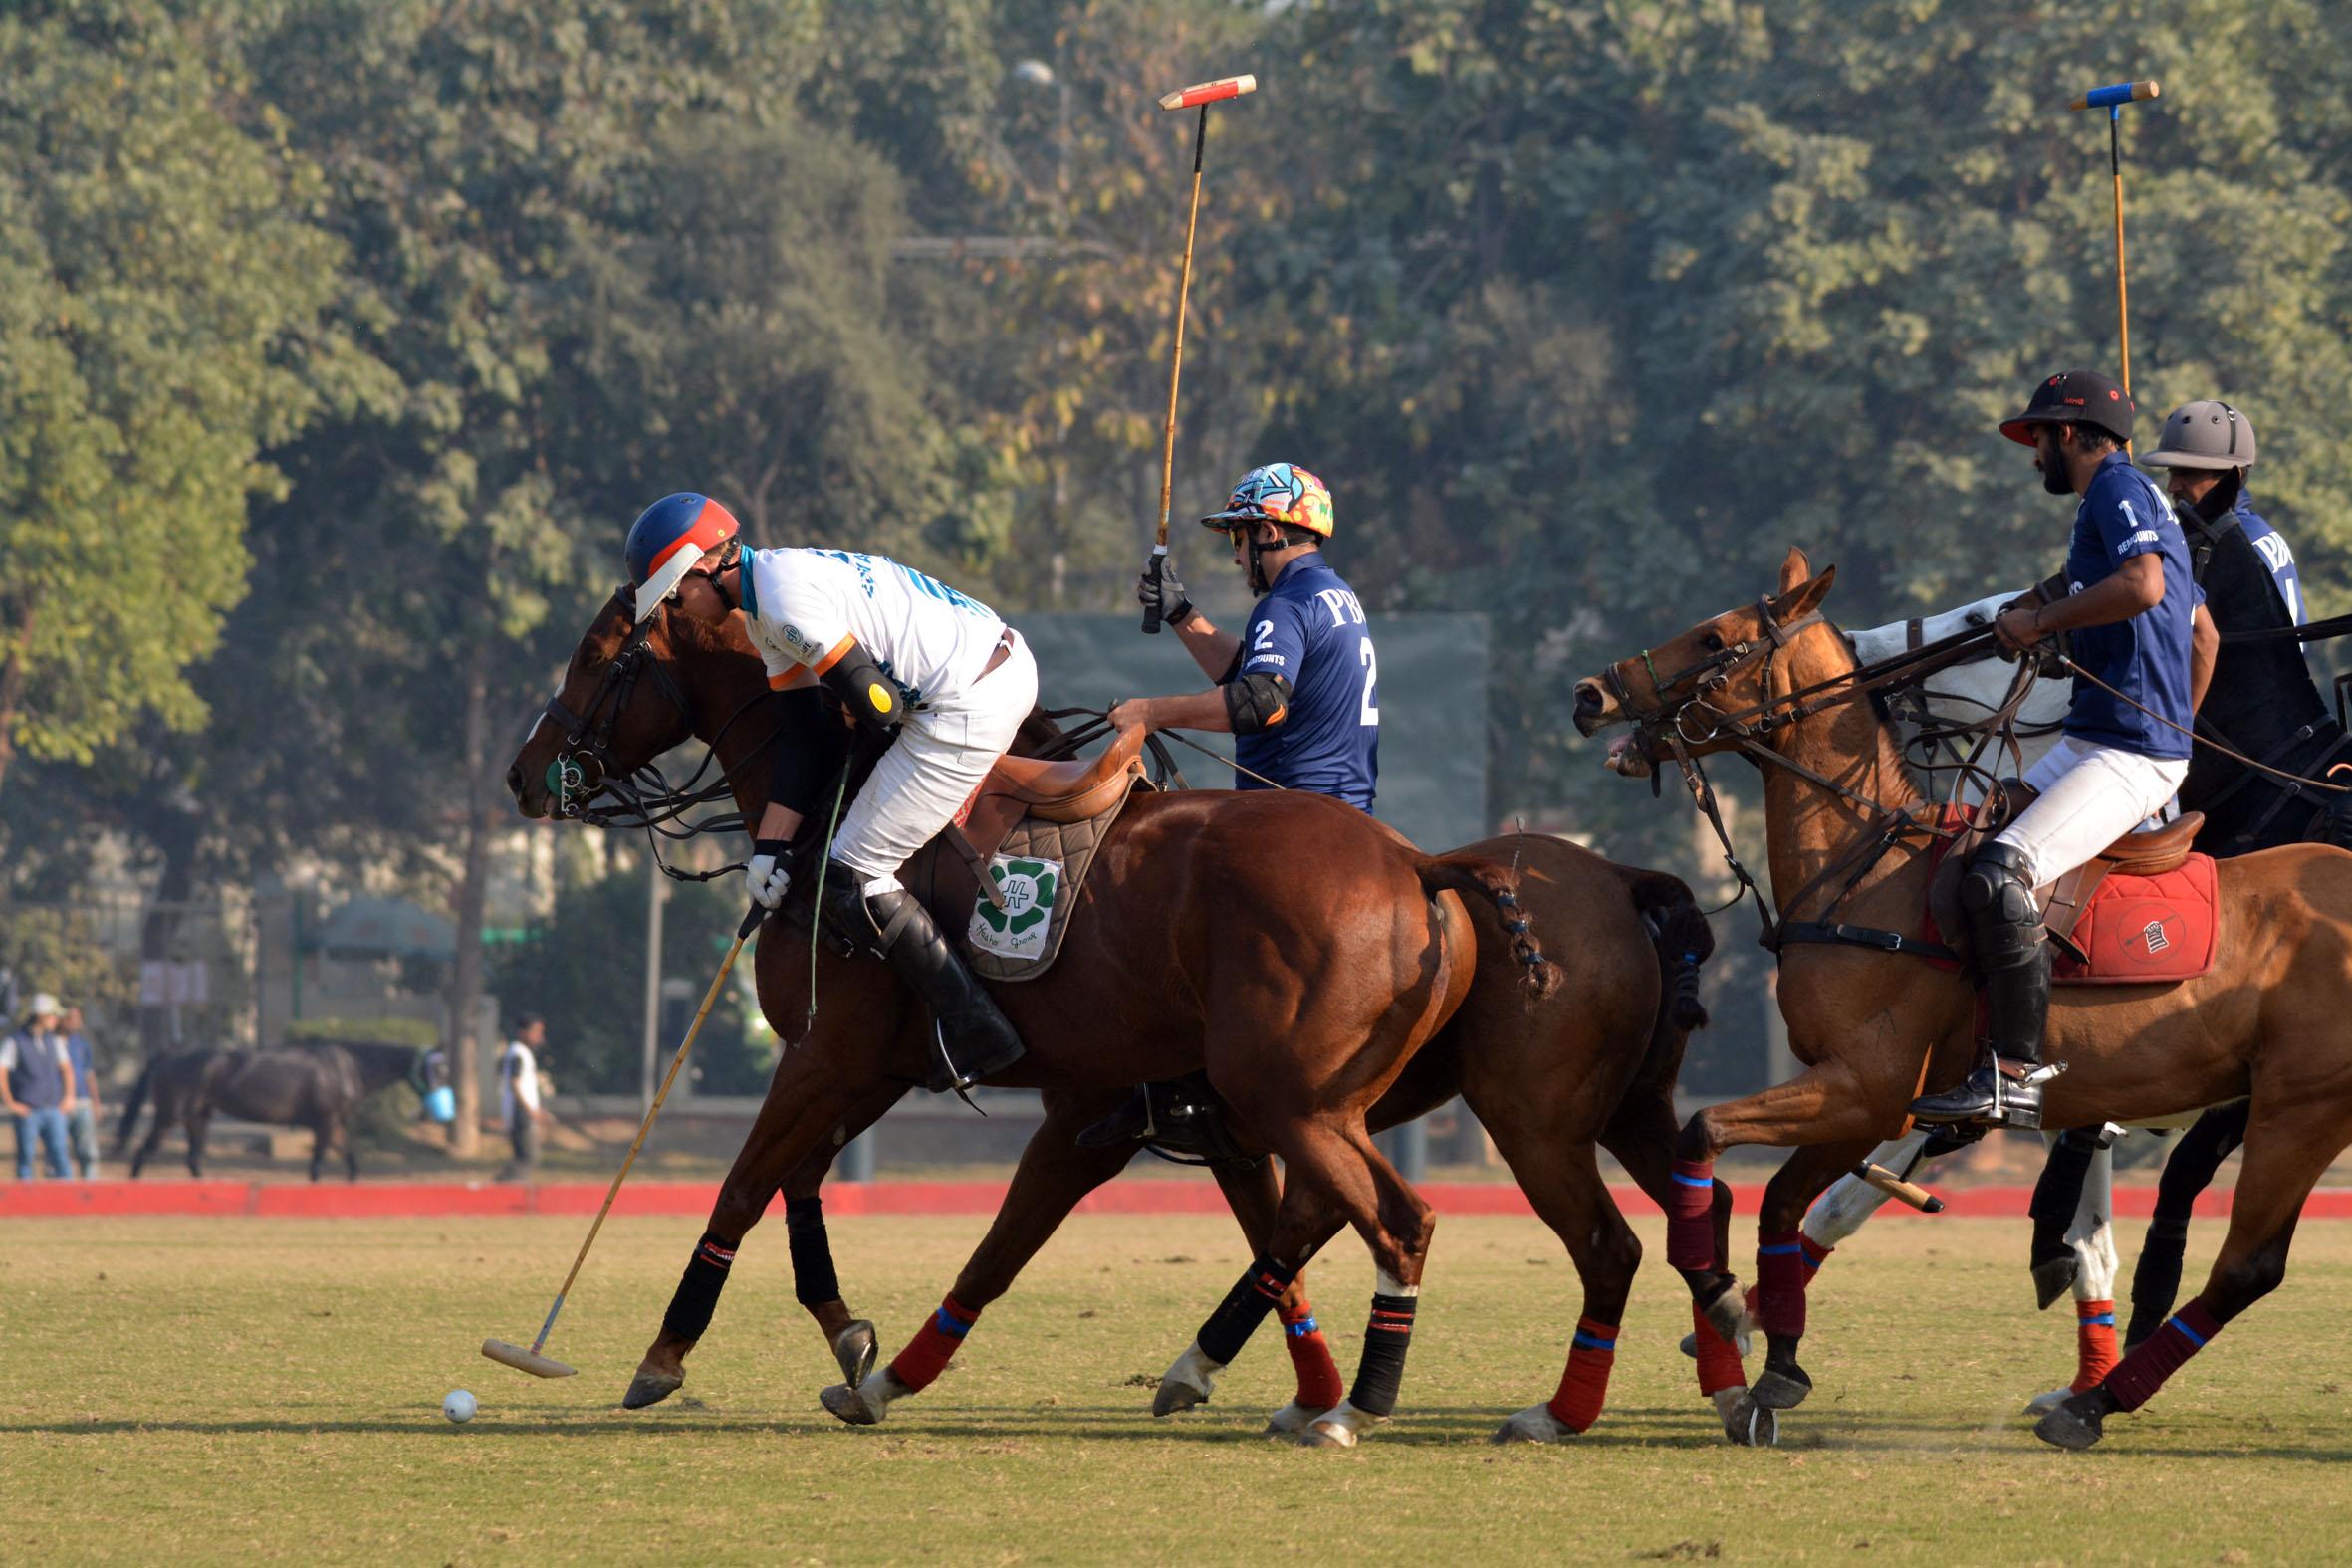 Polo Championship